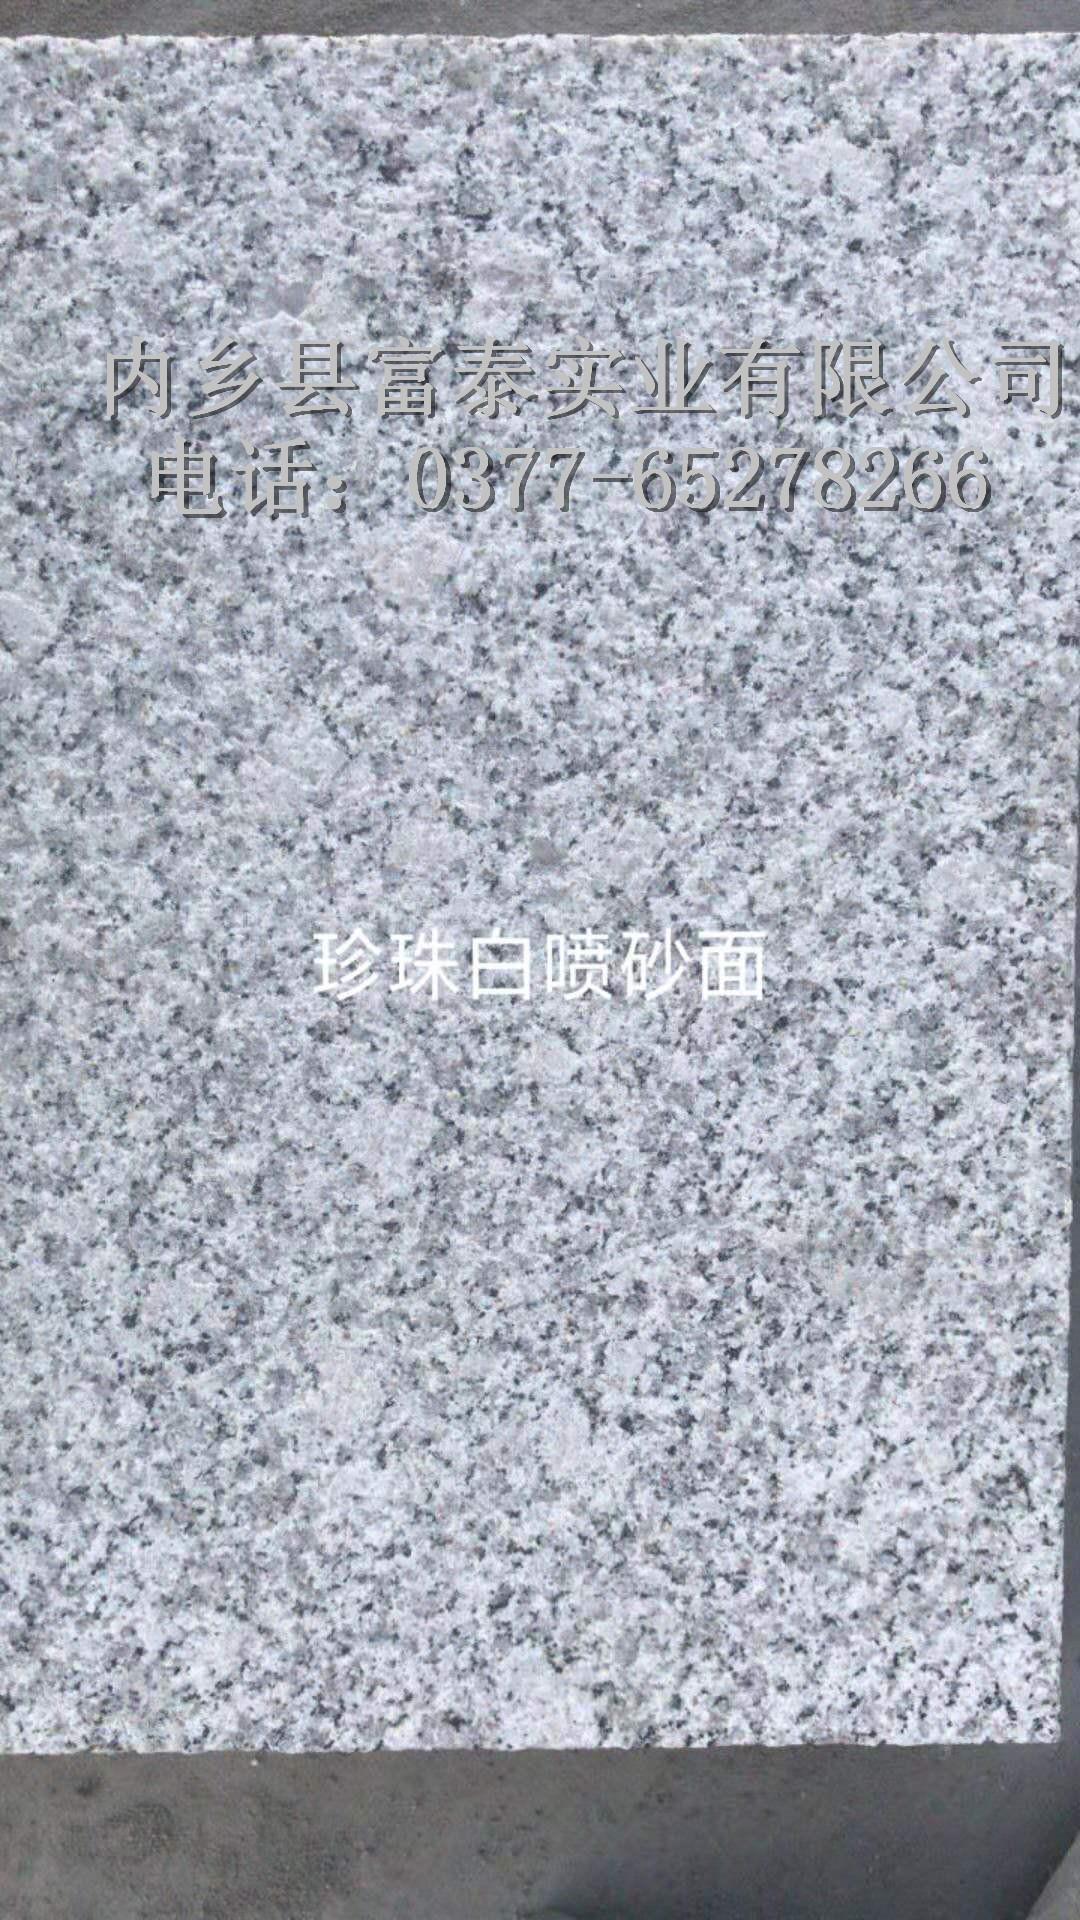 珍珠白〓喷砂面